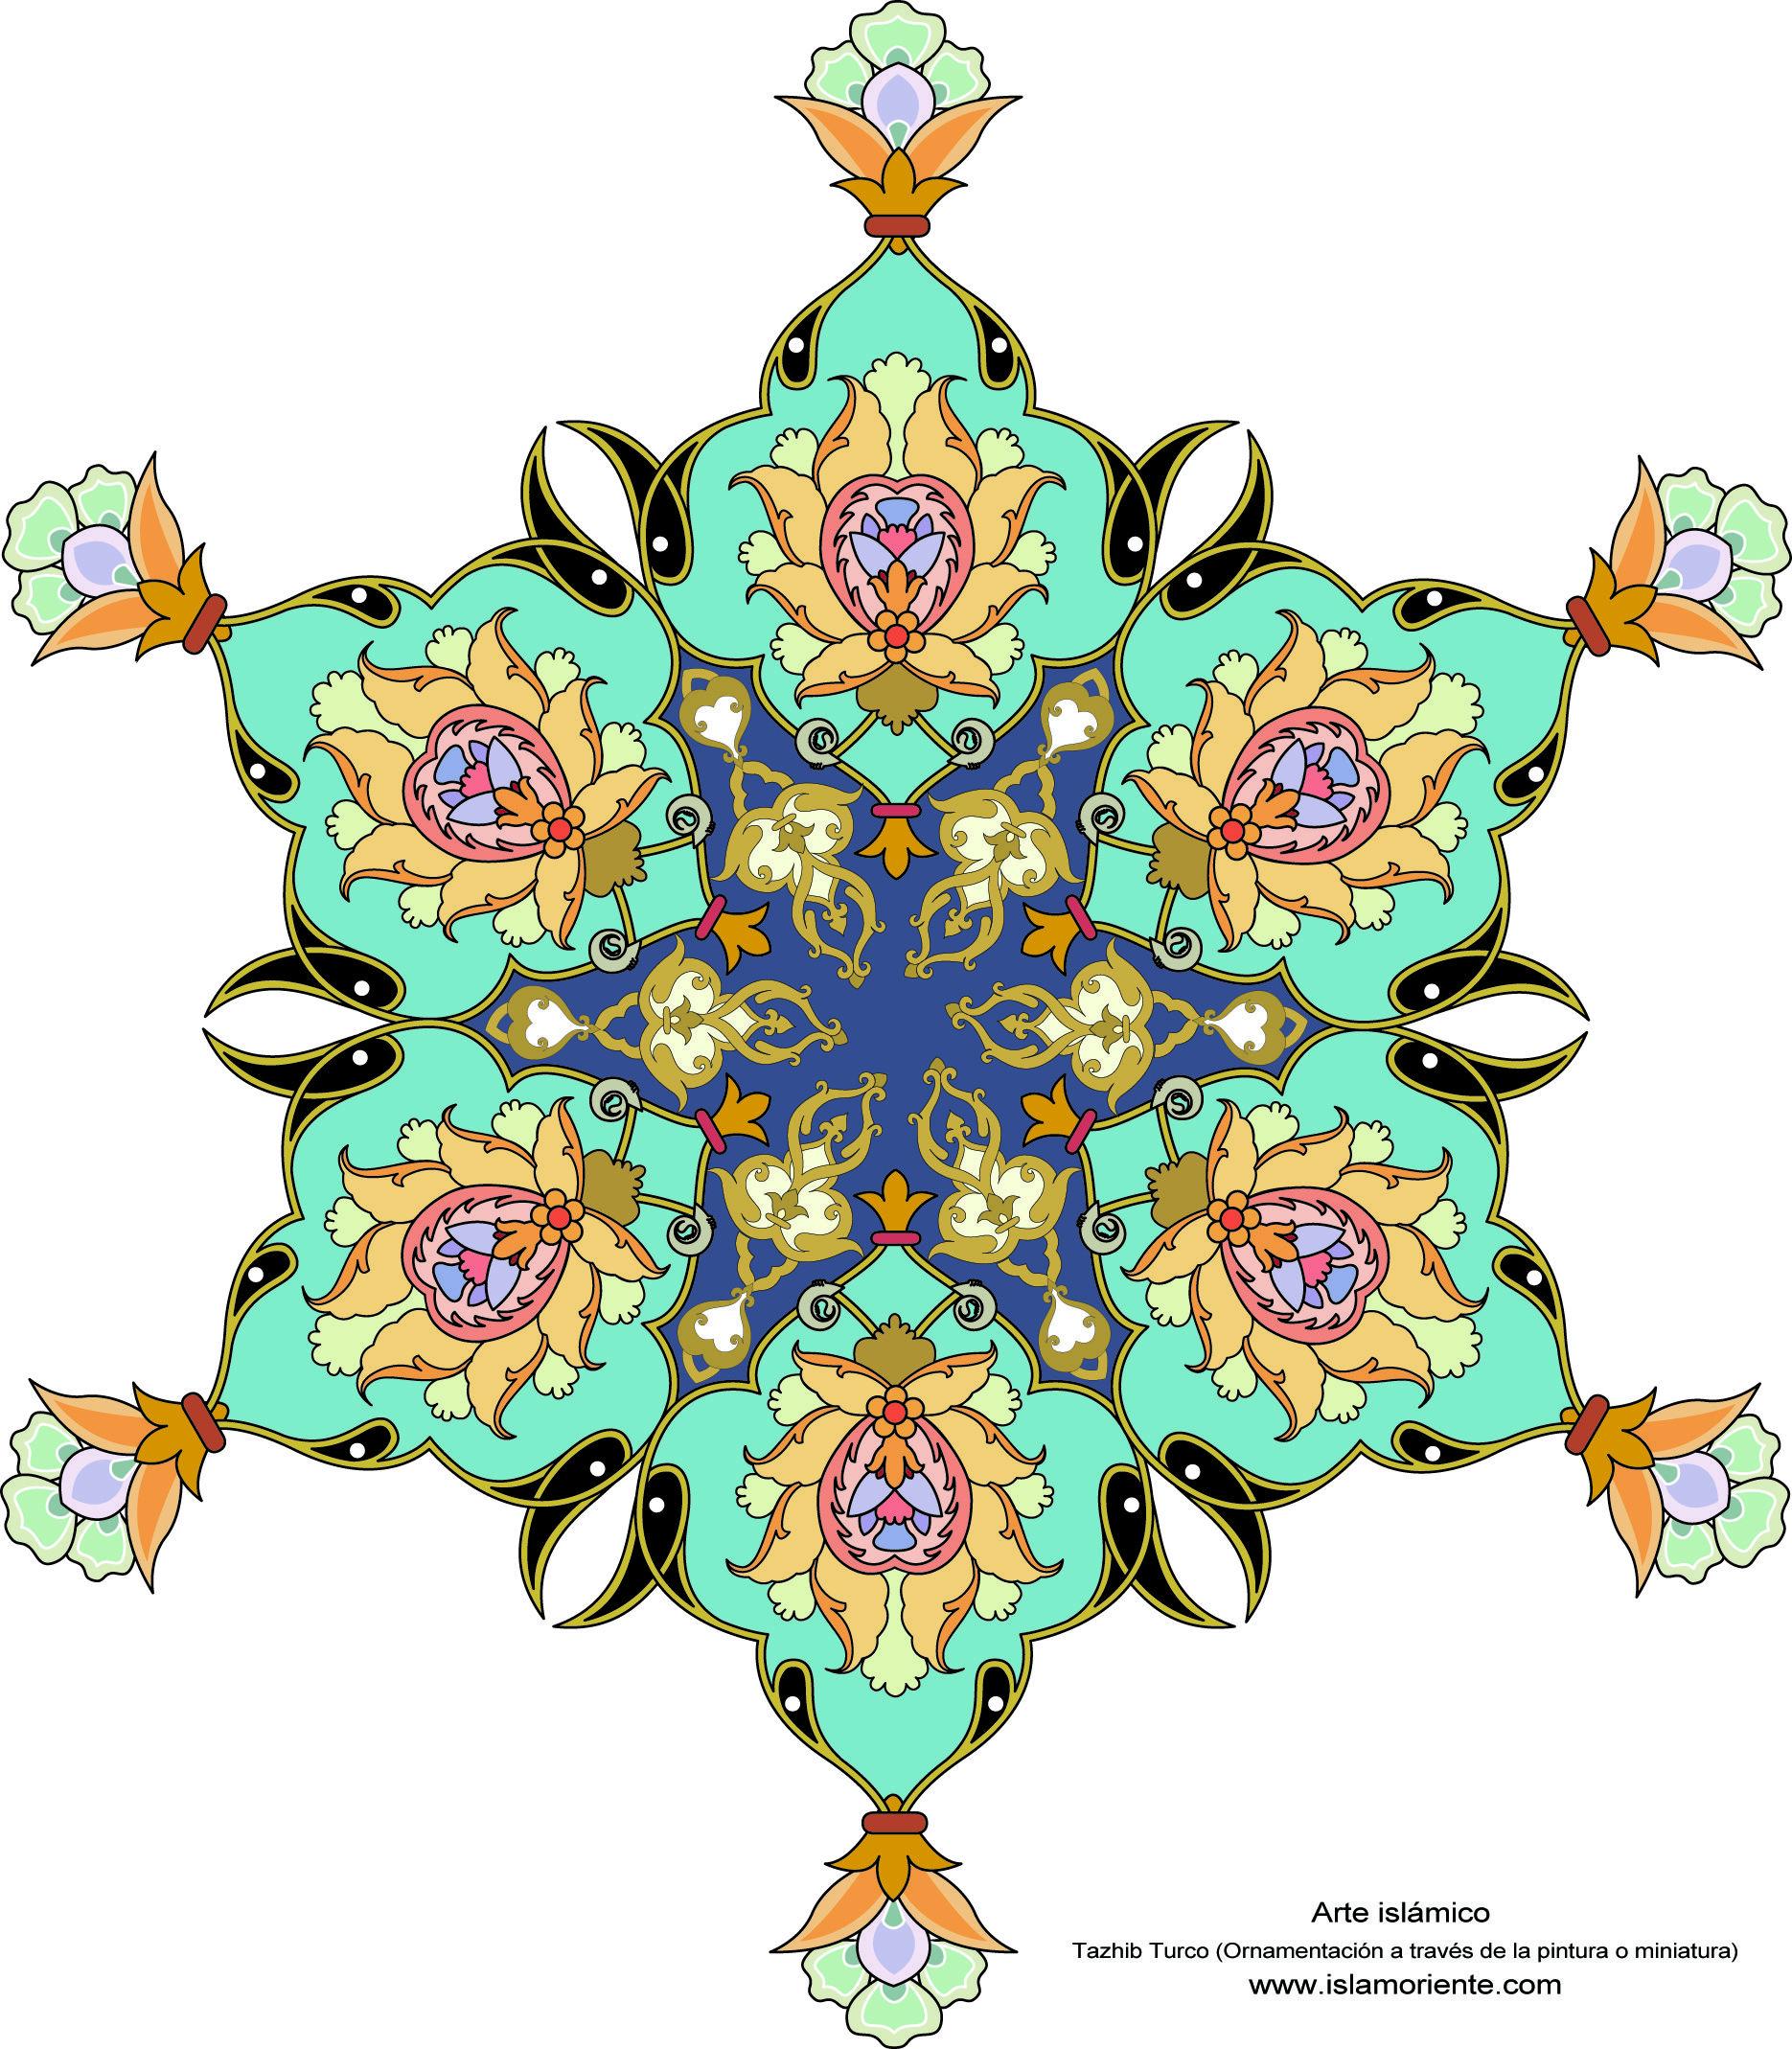 هنر اسلامی - تذهیب فارسی سبک ترنج و شمس - تزئینات از طریق نقاشی و یا مینیاتور - 68 | گالری هنر اسلامی و تصویر